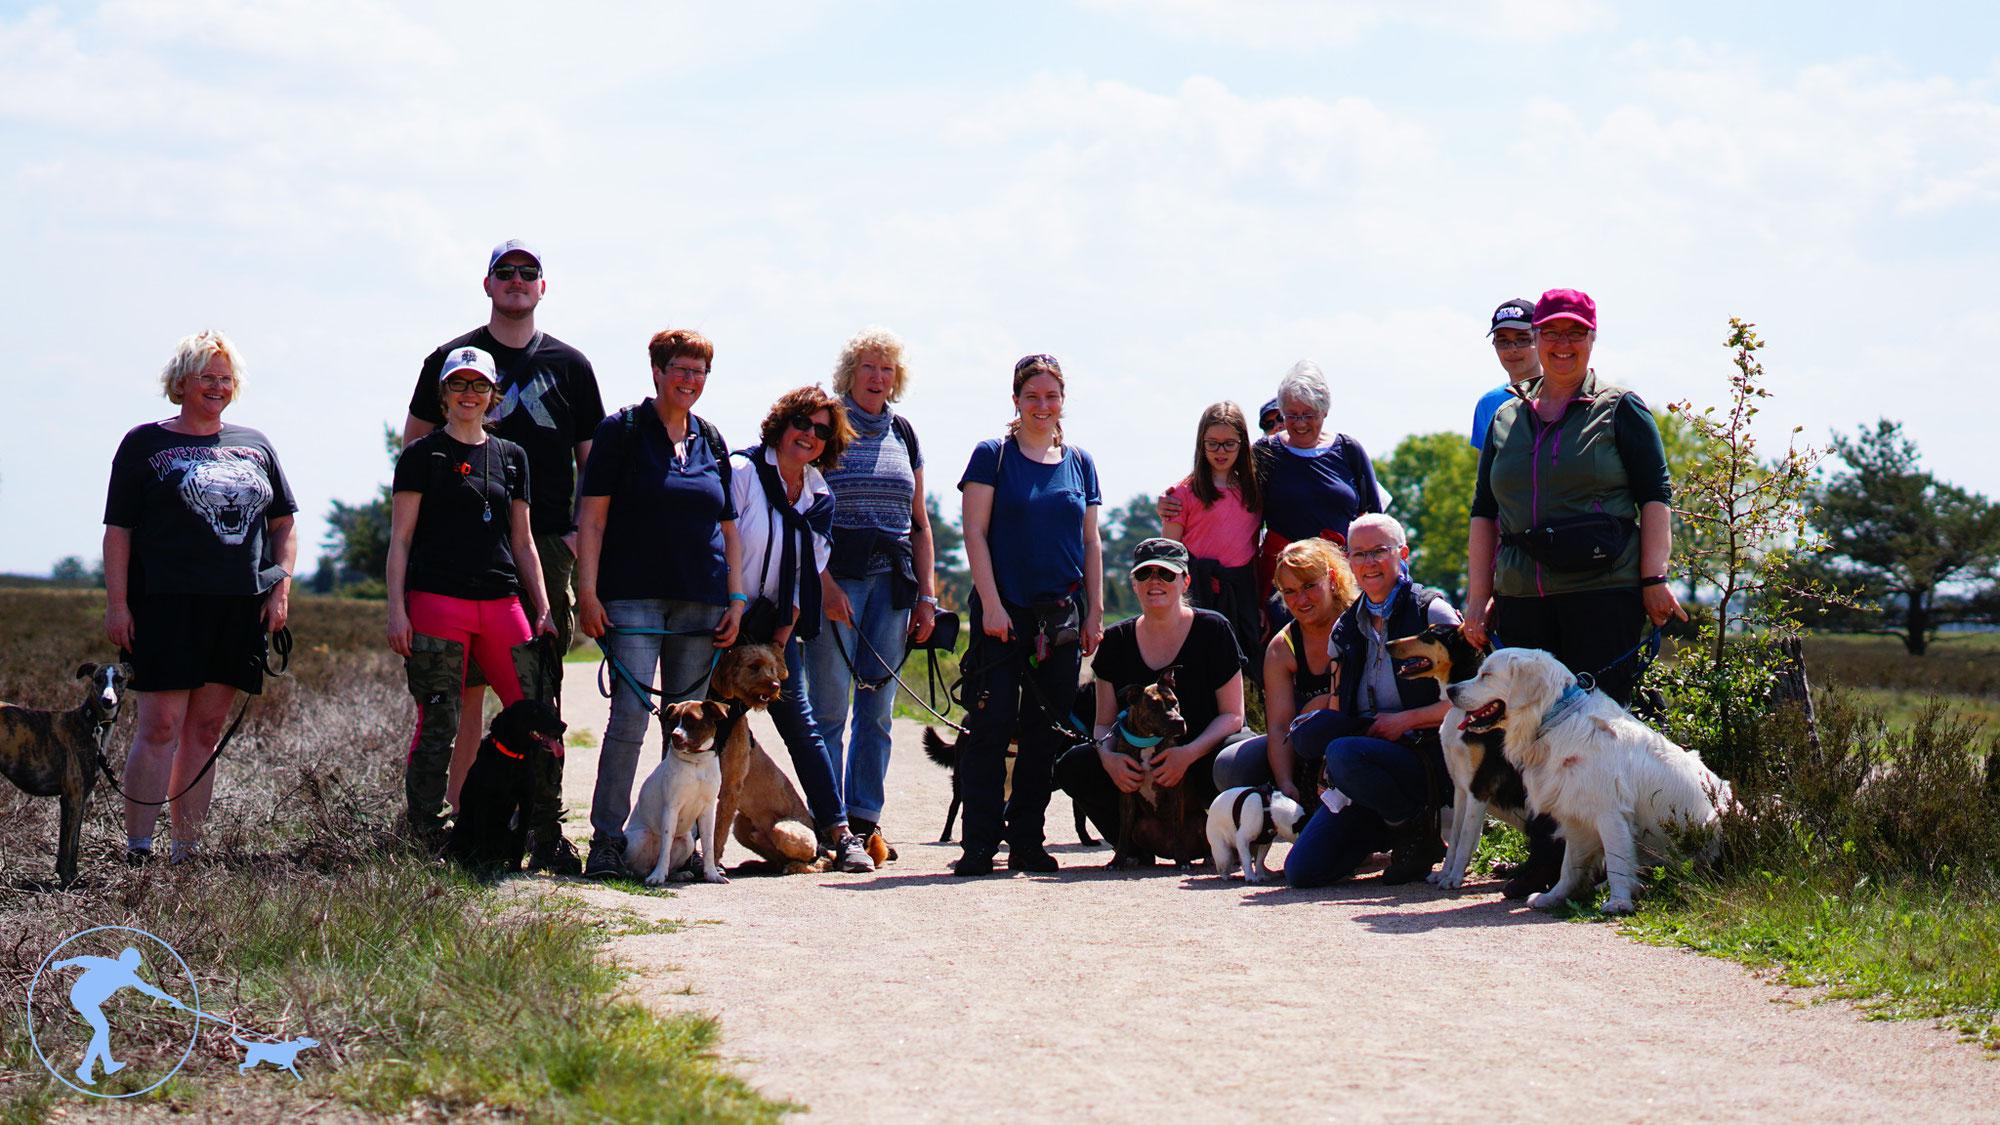 Die nächsten Termine für die Hundewanderung mit Lerneffekt im Jahr 2021 stehen fest!